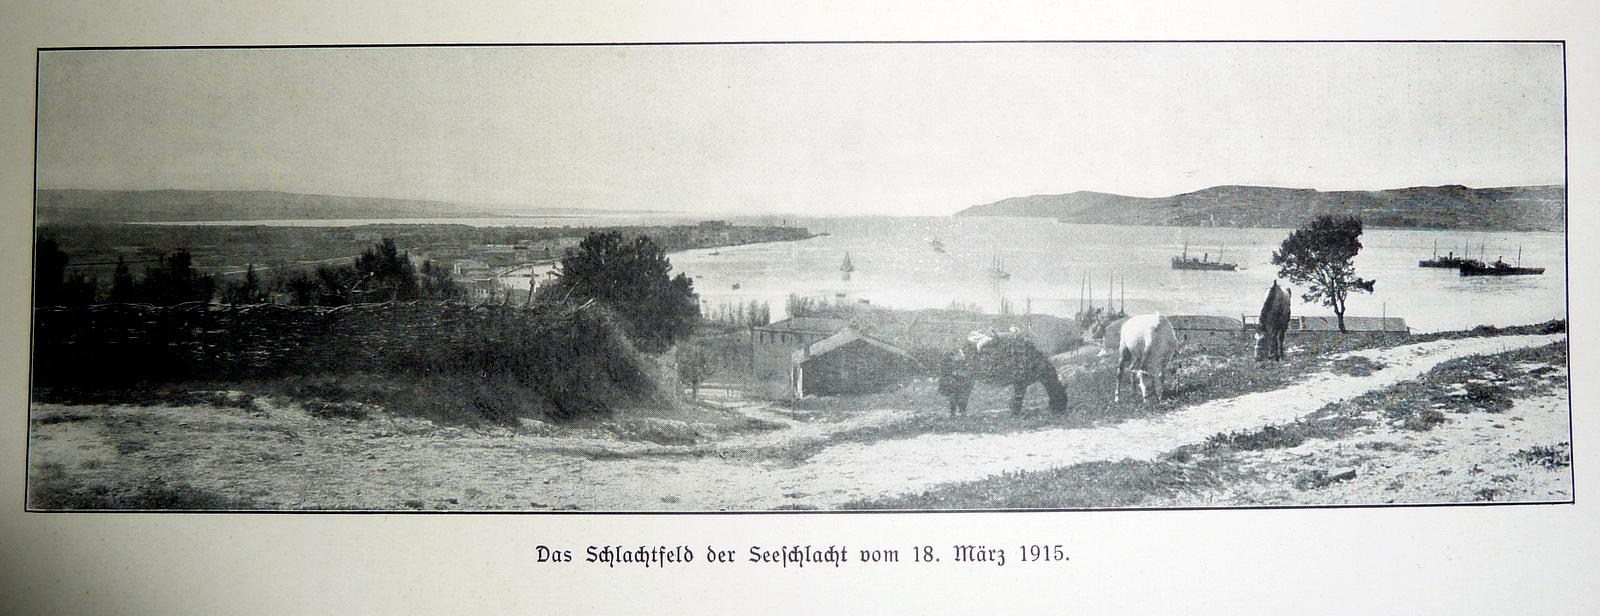 dardanel battle 1915 ile ilgili görsel sonucu